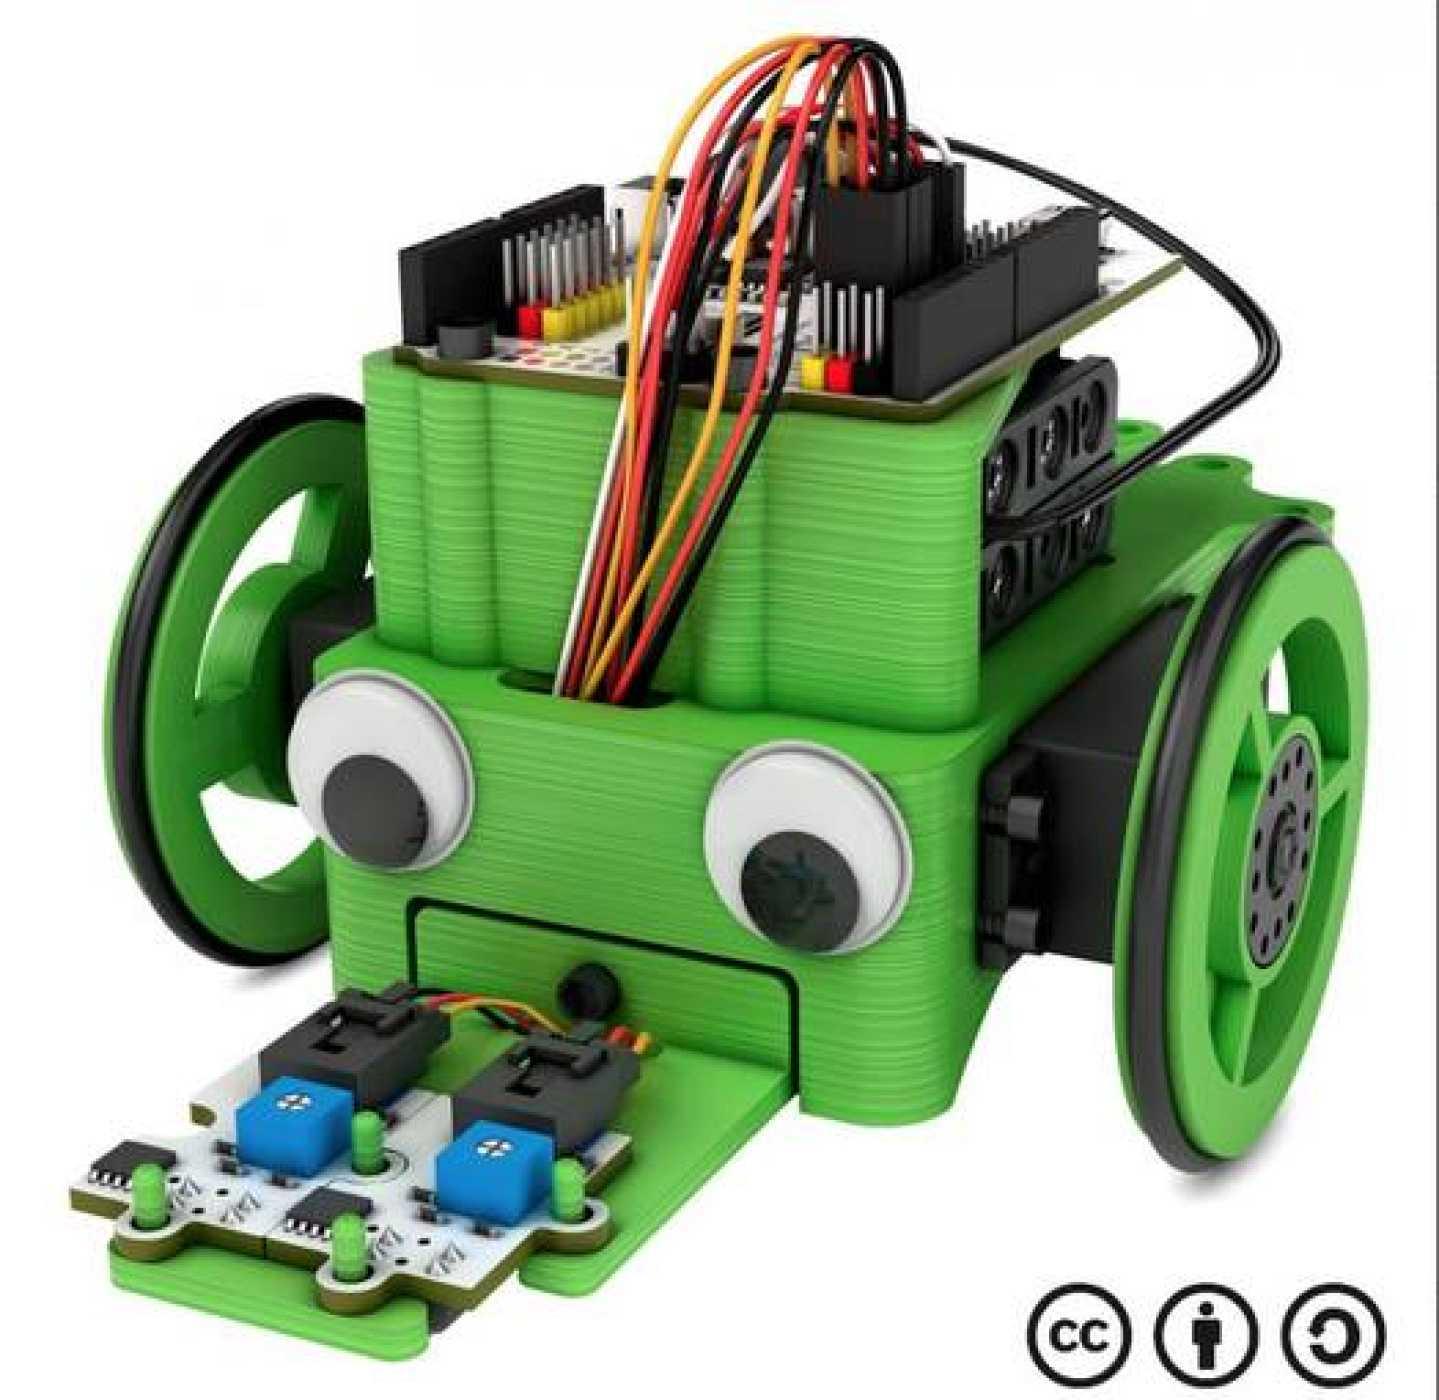 El robot de BQ ya montado.